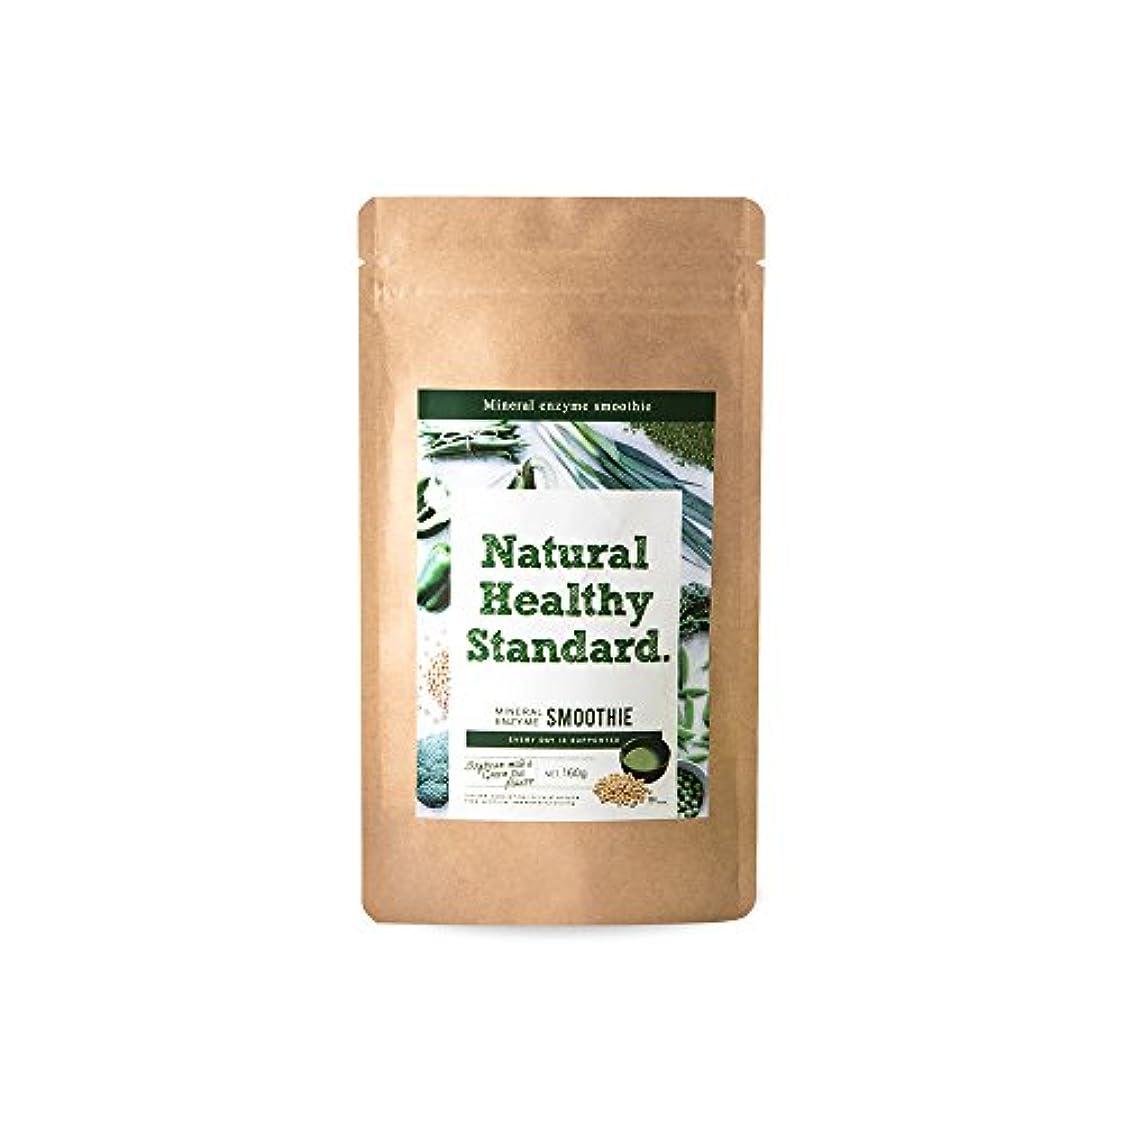 打たれたトラック率直な調べるNaturalHealthyStandard(ナチュラルヘルシースタンダード) ミネラル酵素グリーンスムージー 豆乳抹茶味 160g